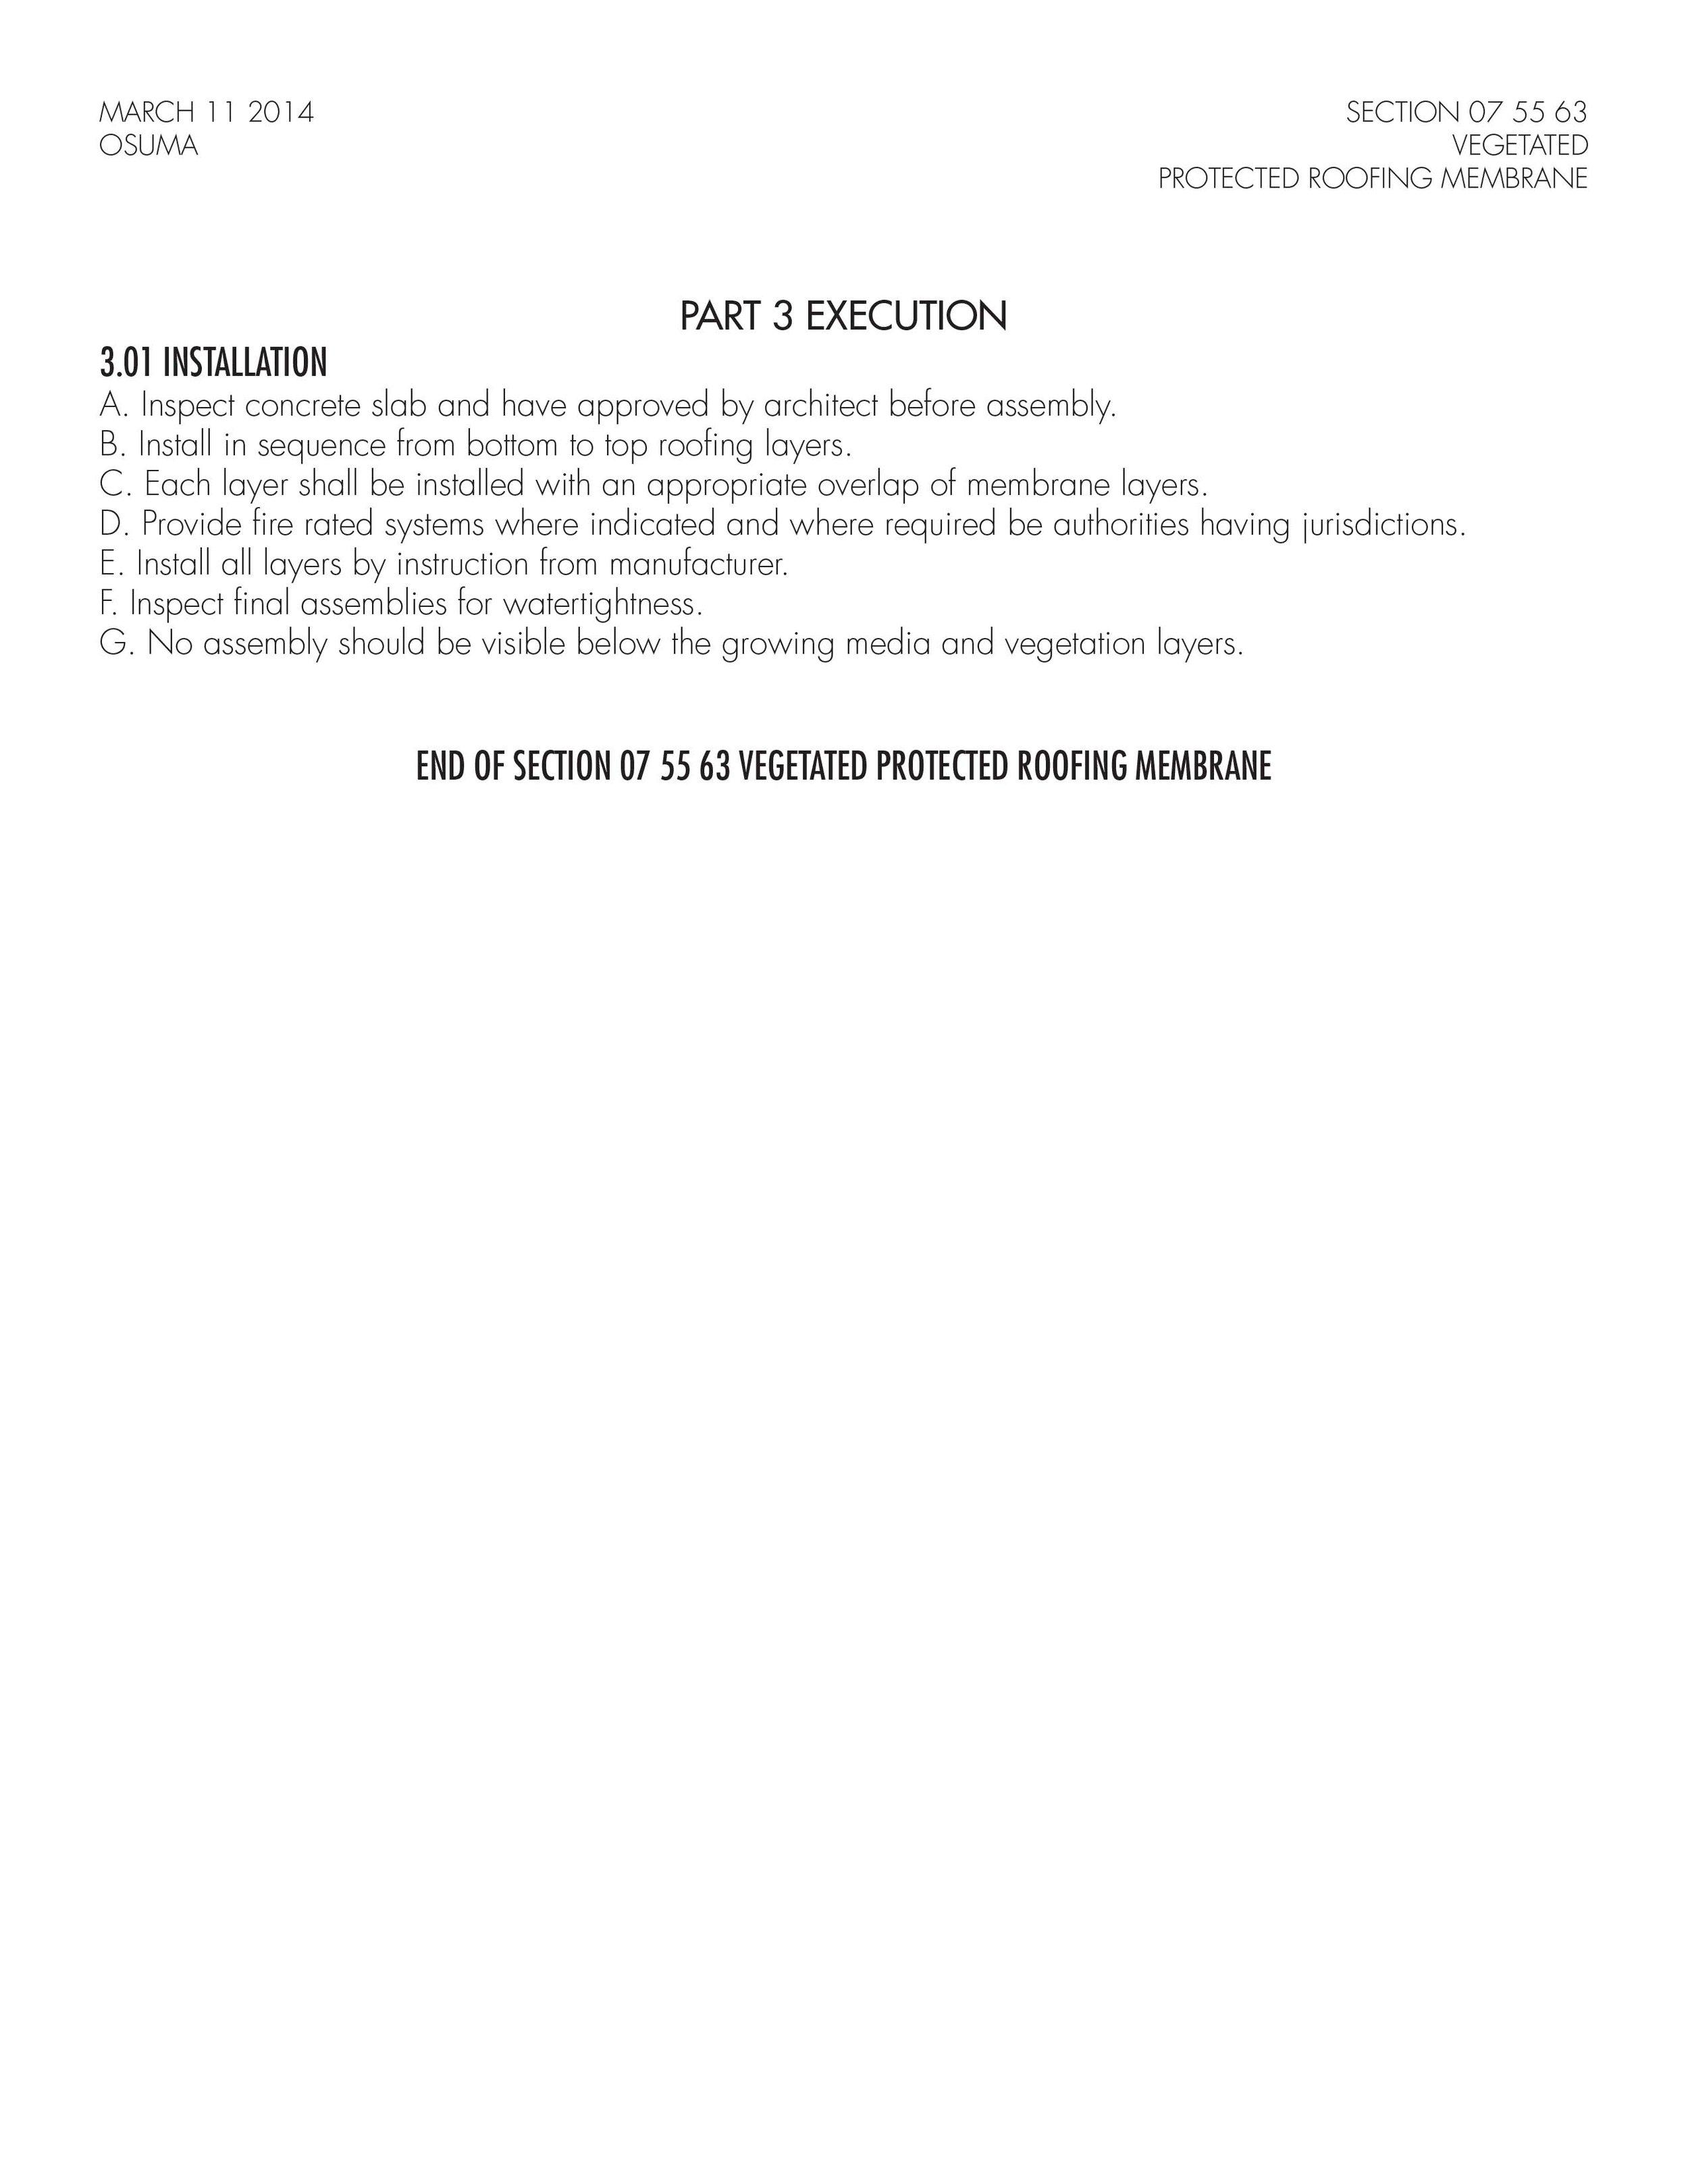 specification-8.jpg